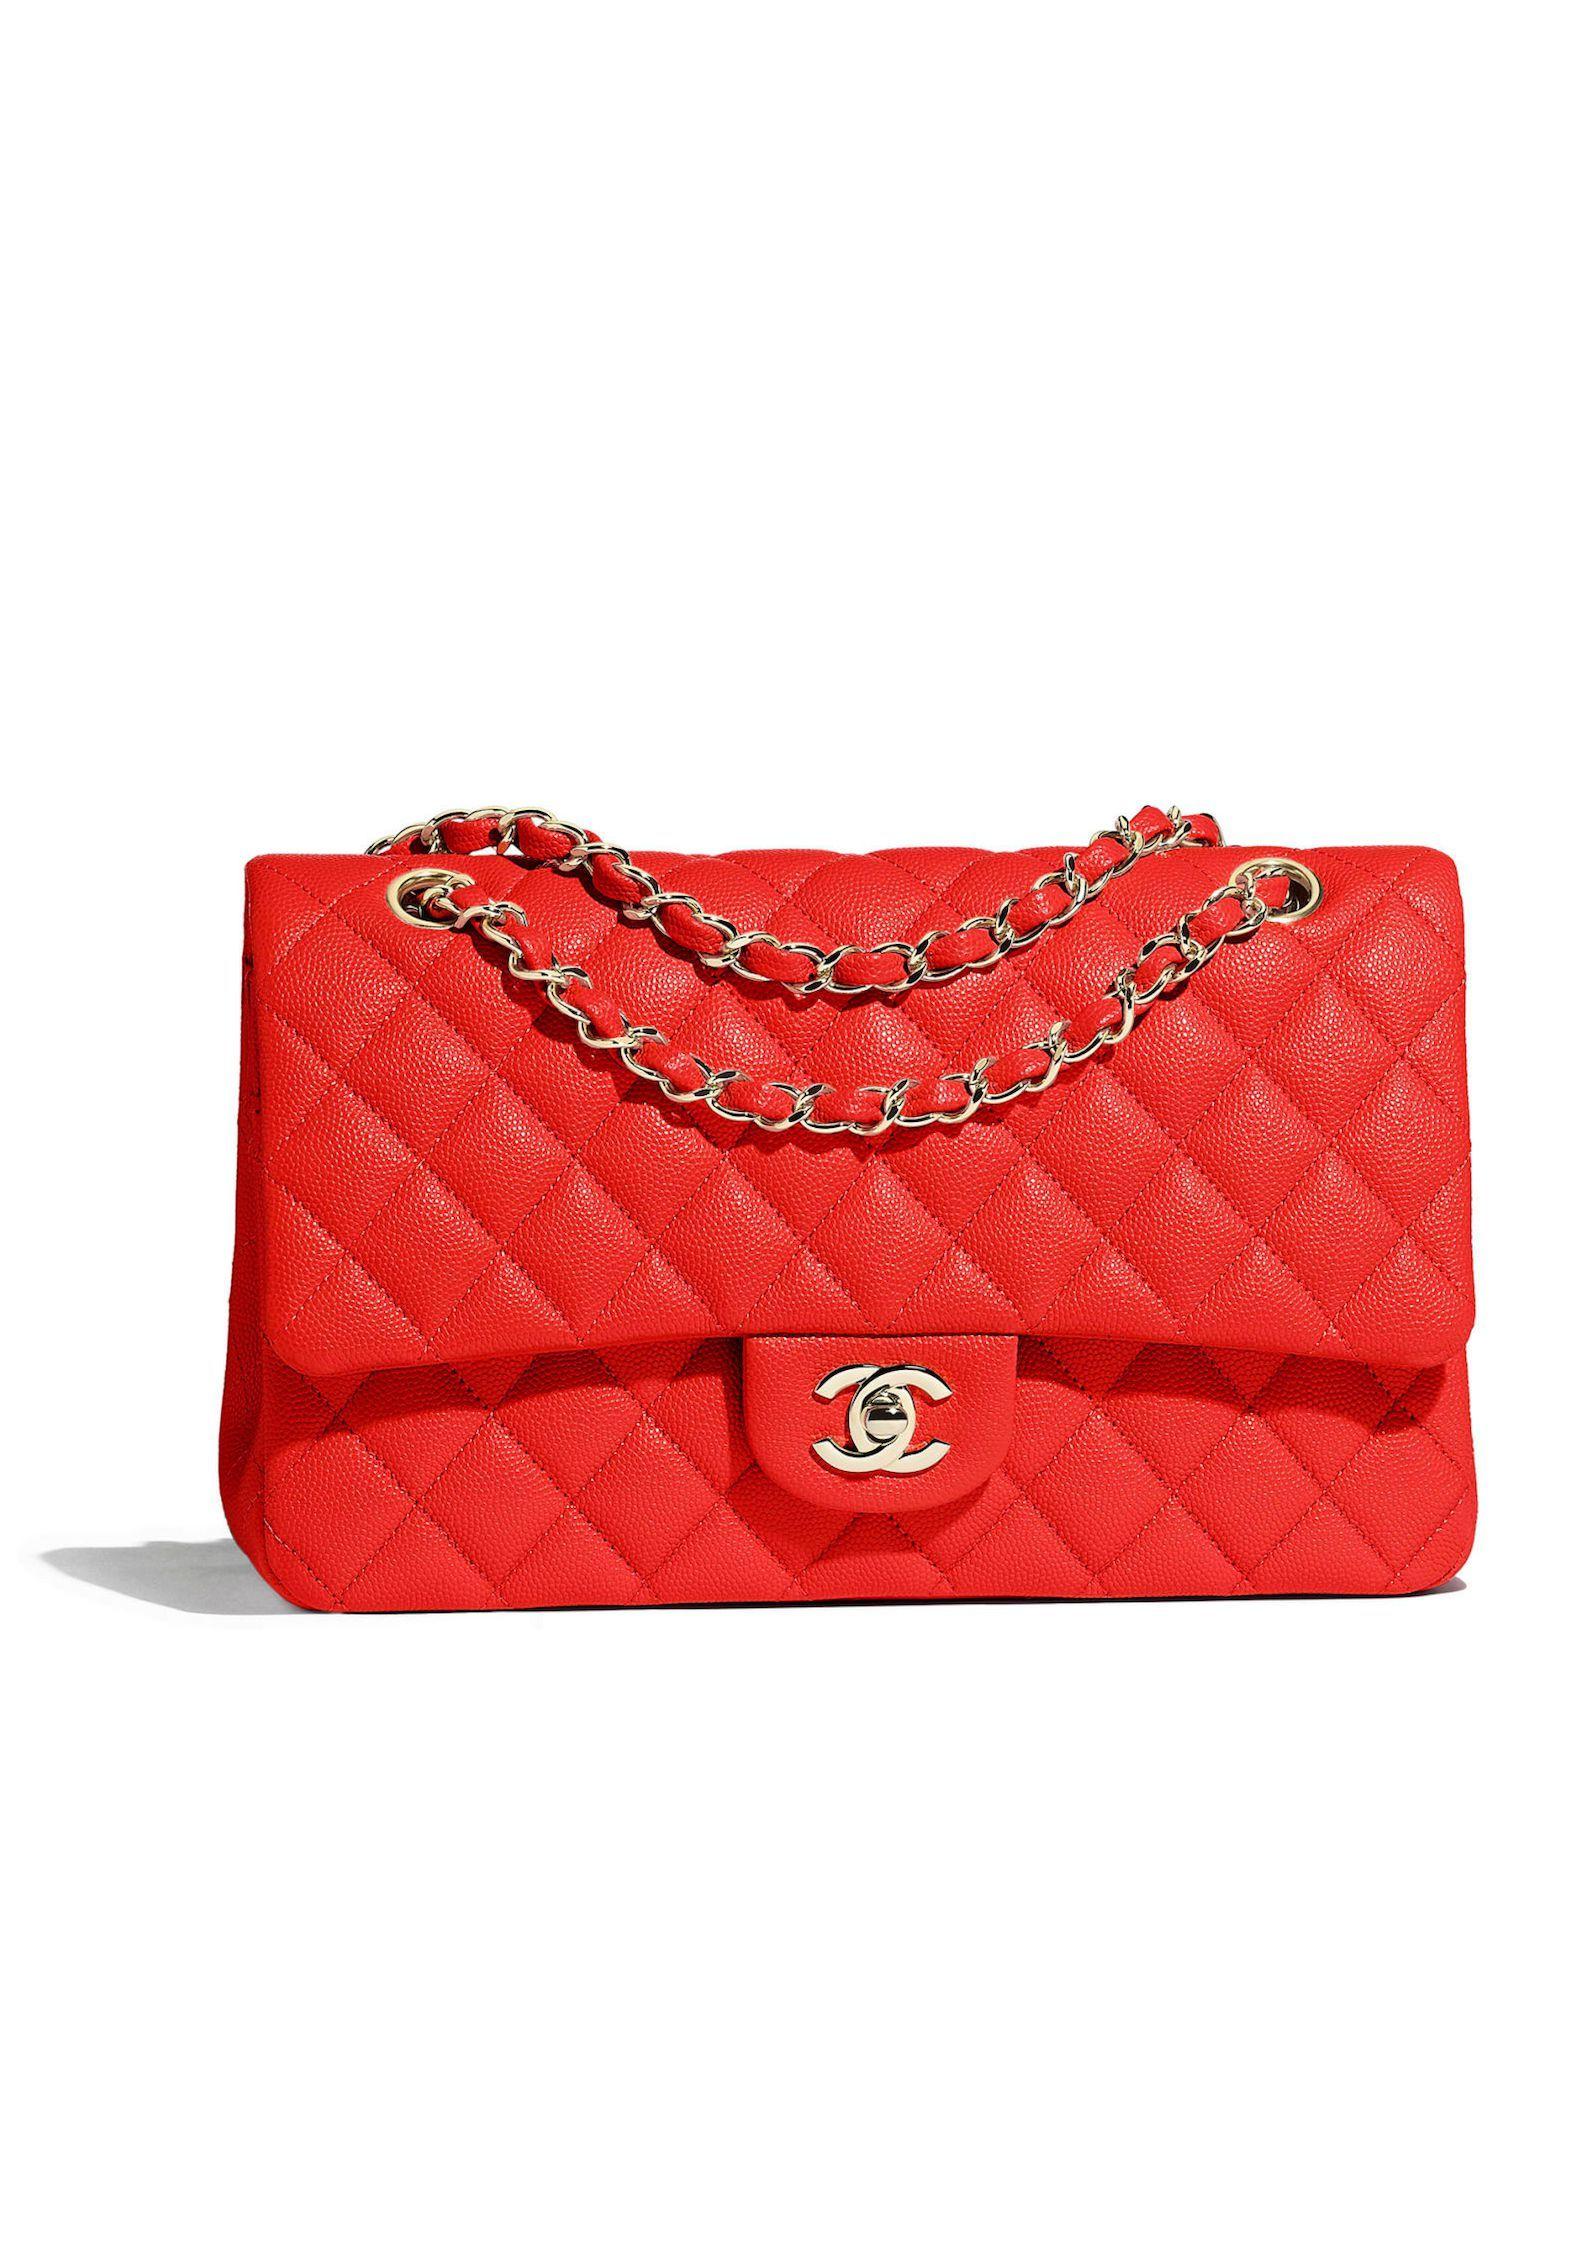 a19fd5e7cb Le borse rosse firmate da amare oggi, domani e per sempre | borse ...